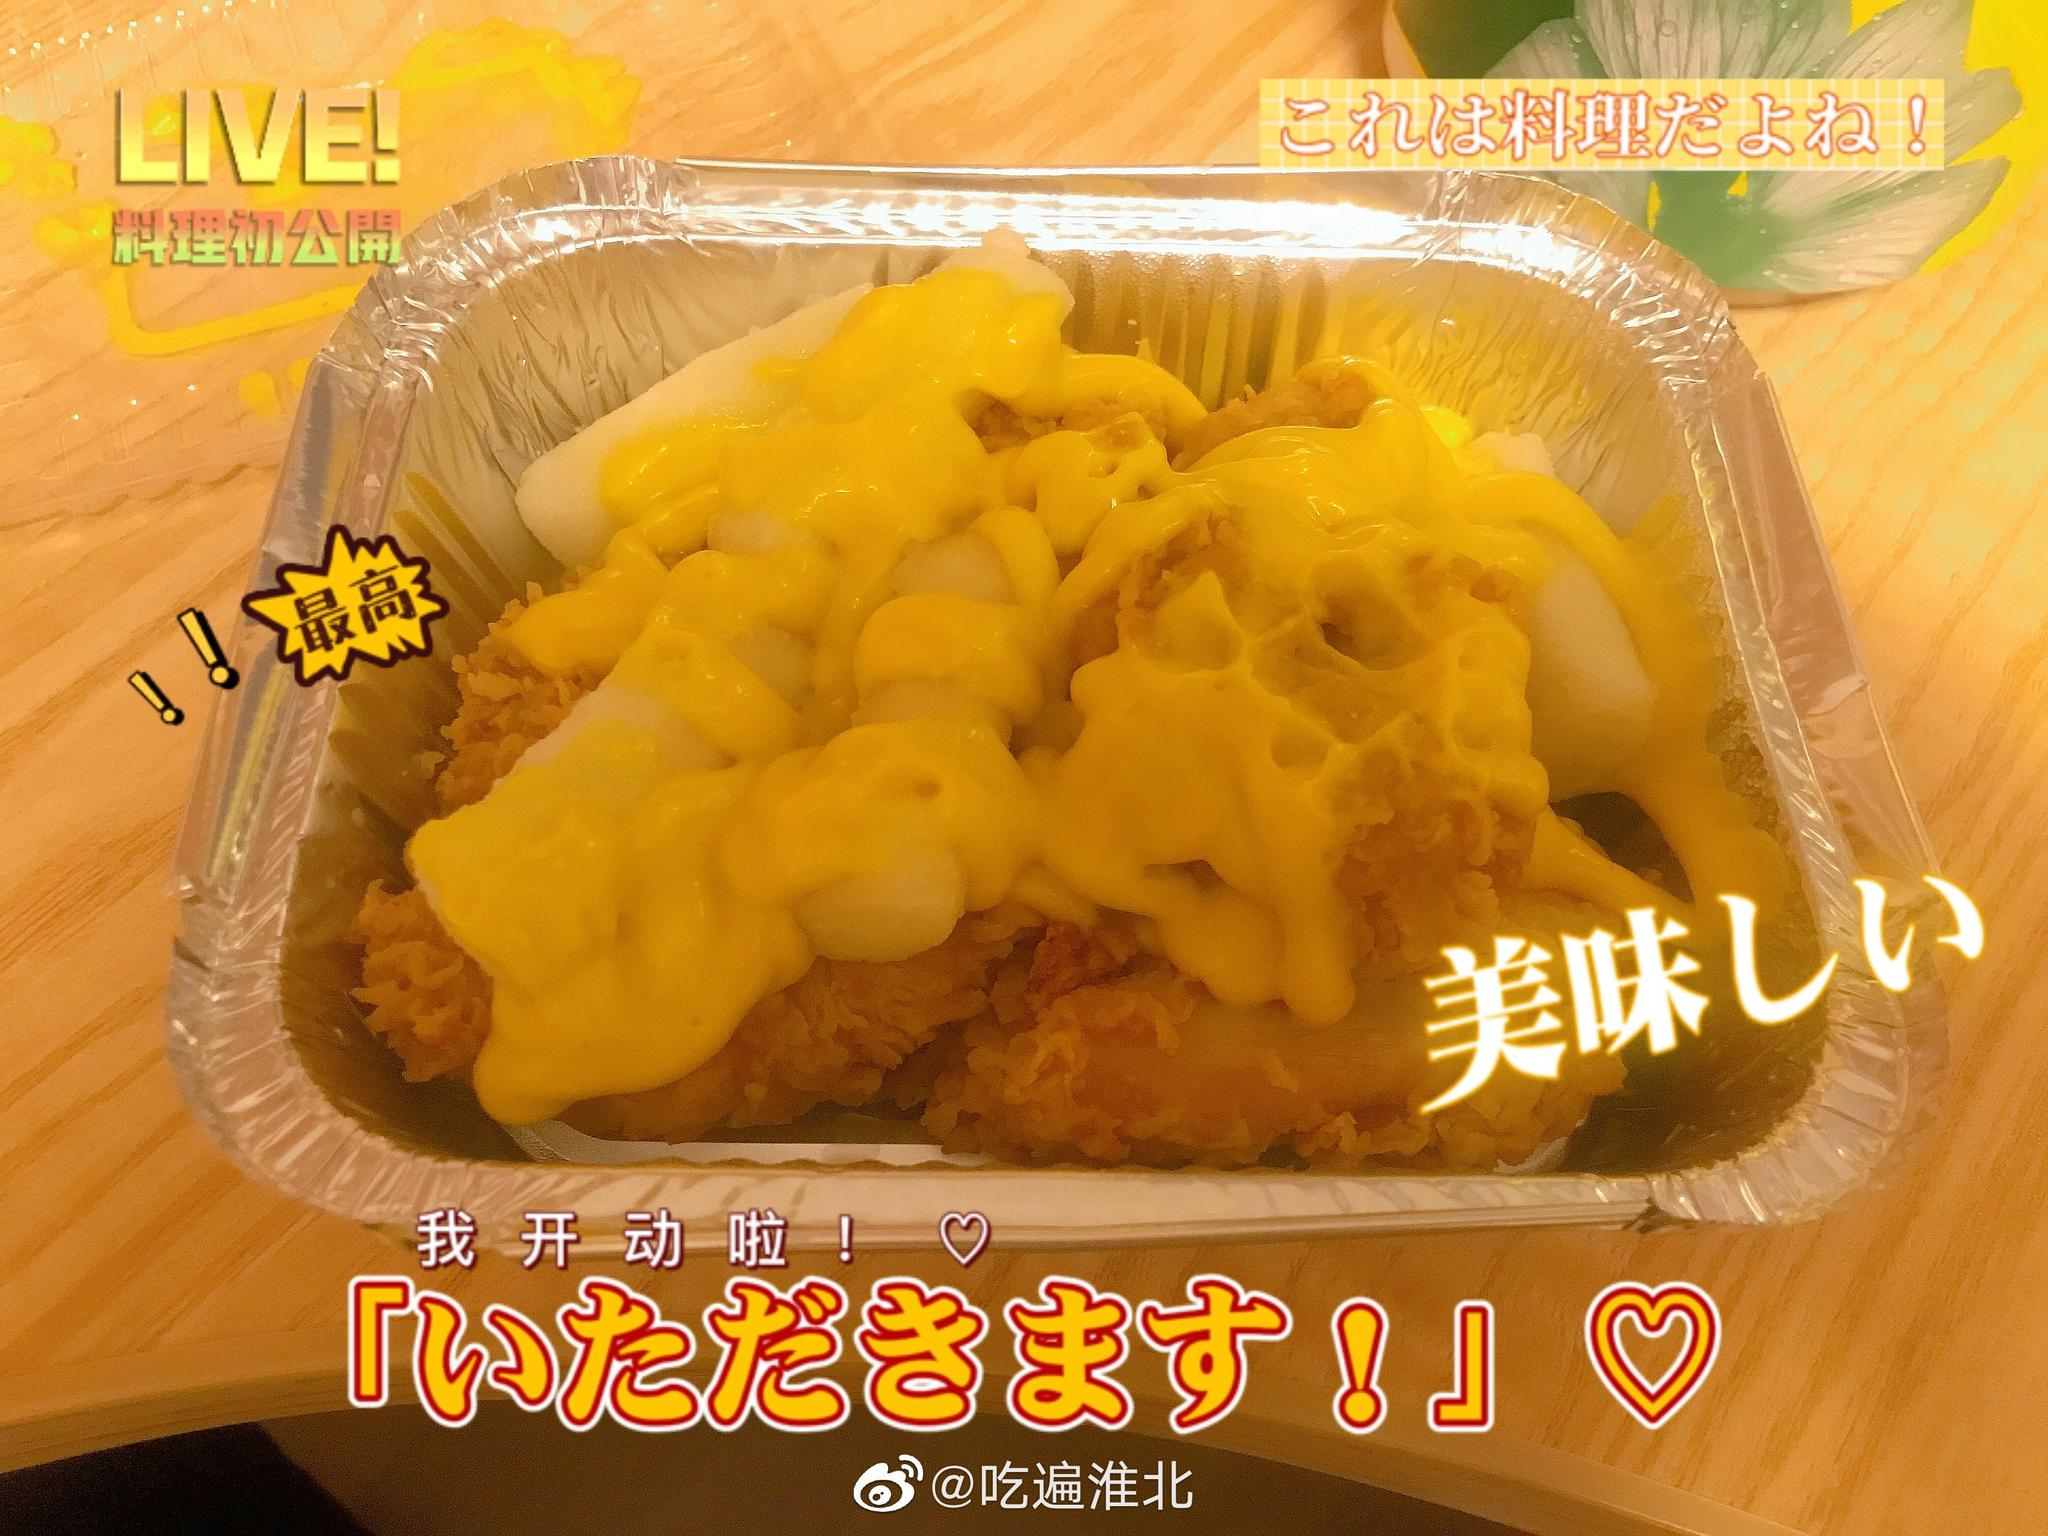 今晚宵夜吃蜂蜜芥末炸鸡许愿明早不会长肉肉